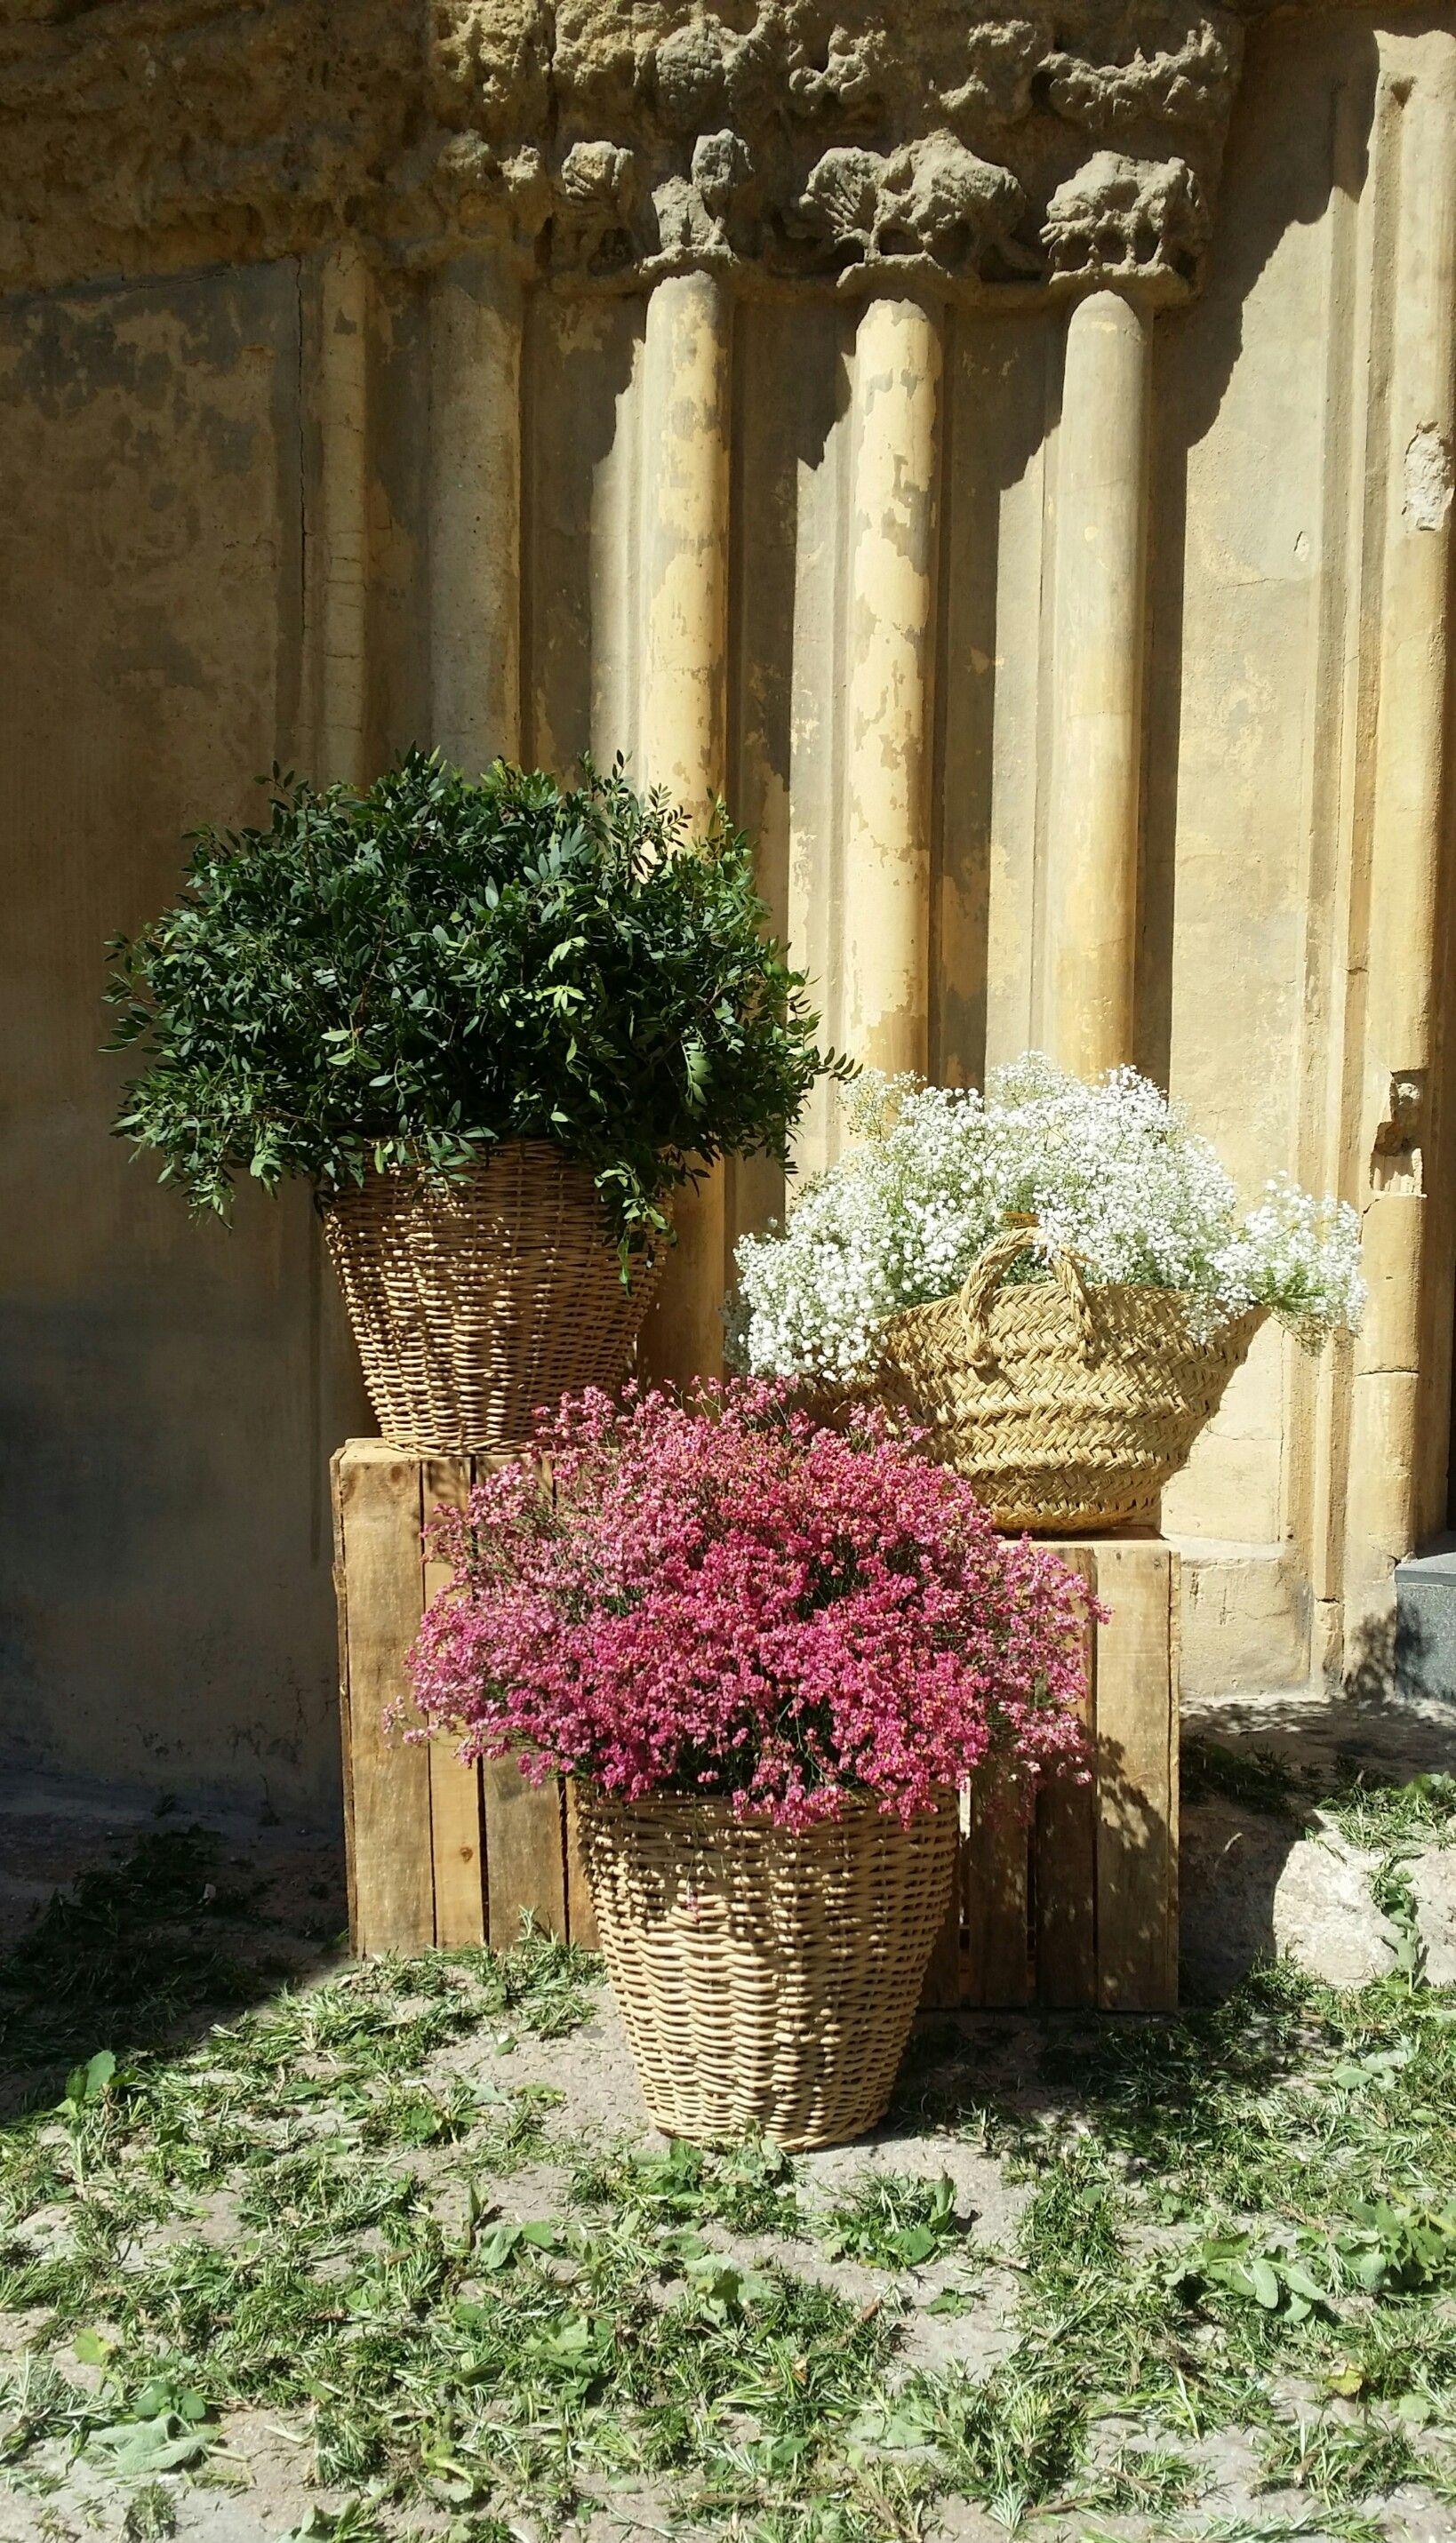 El encanto de las flores secas flores secas las puertas - Plantas secas decoracion ...